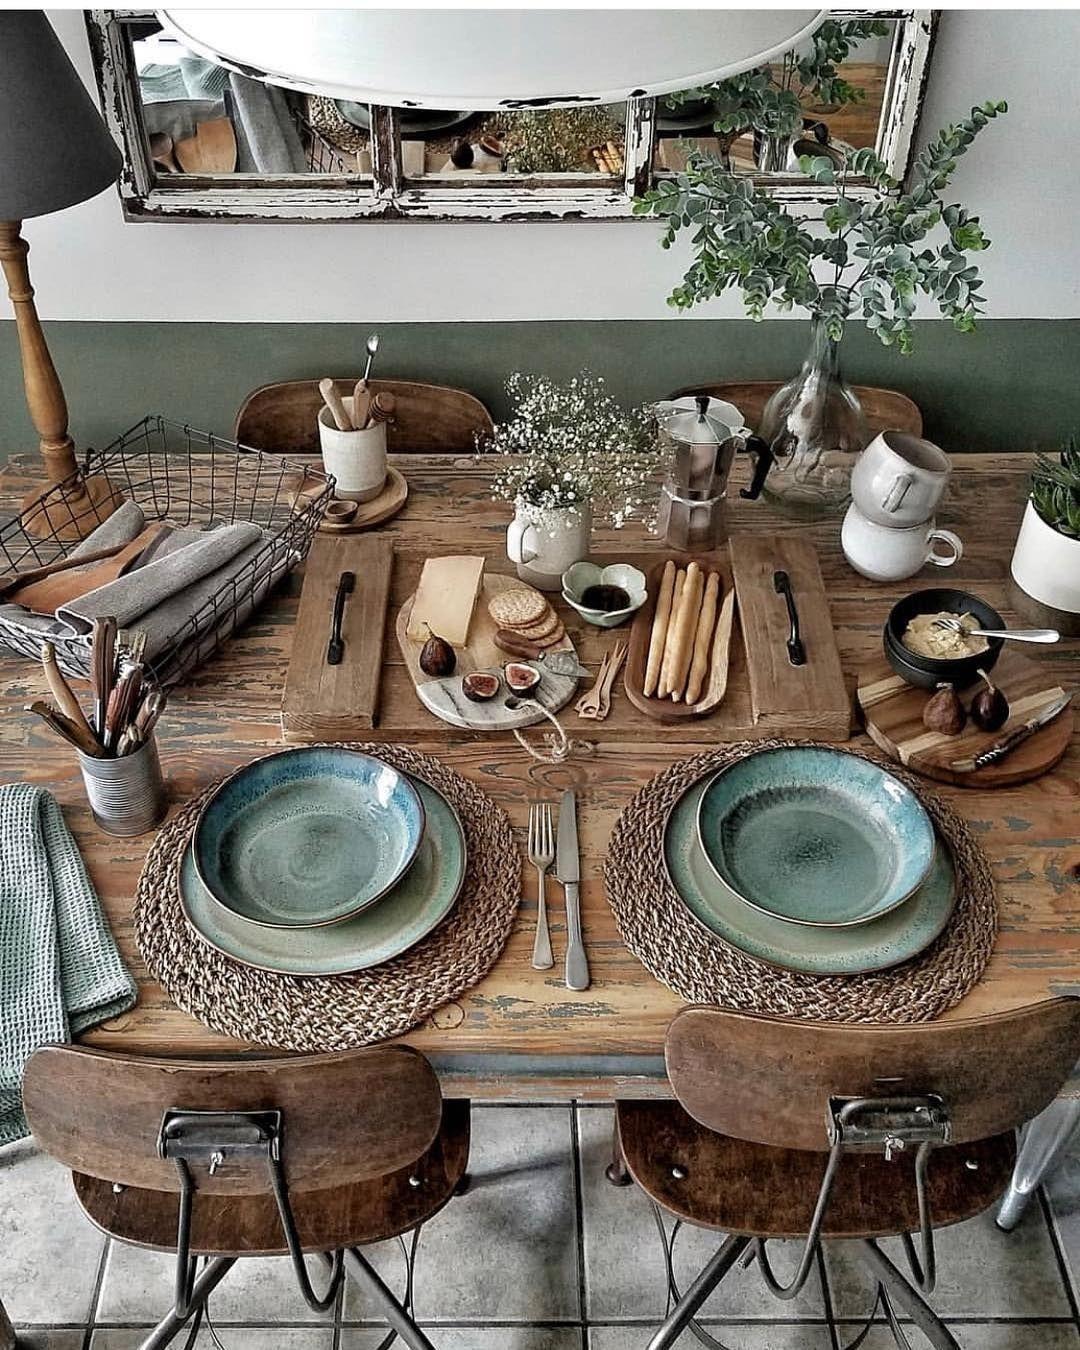 tafeldecoratie, groen servies, vintage #homedeco